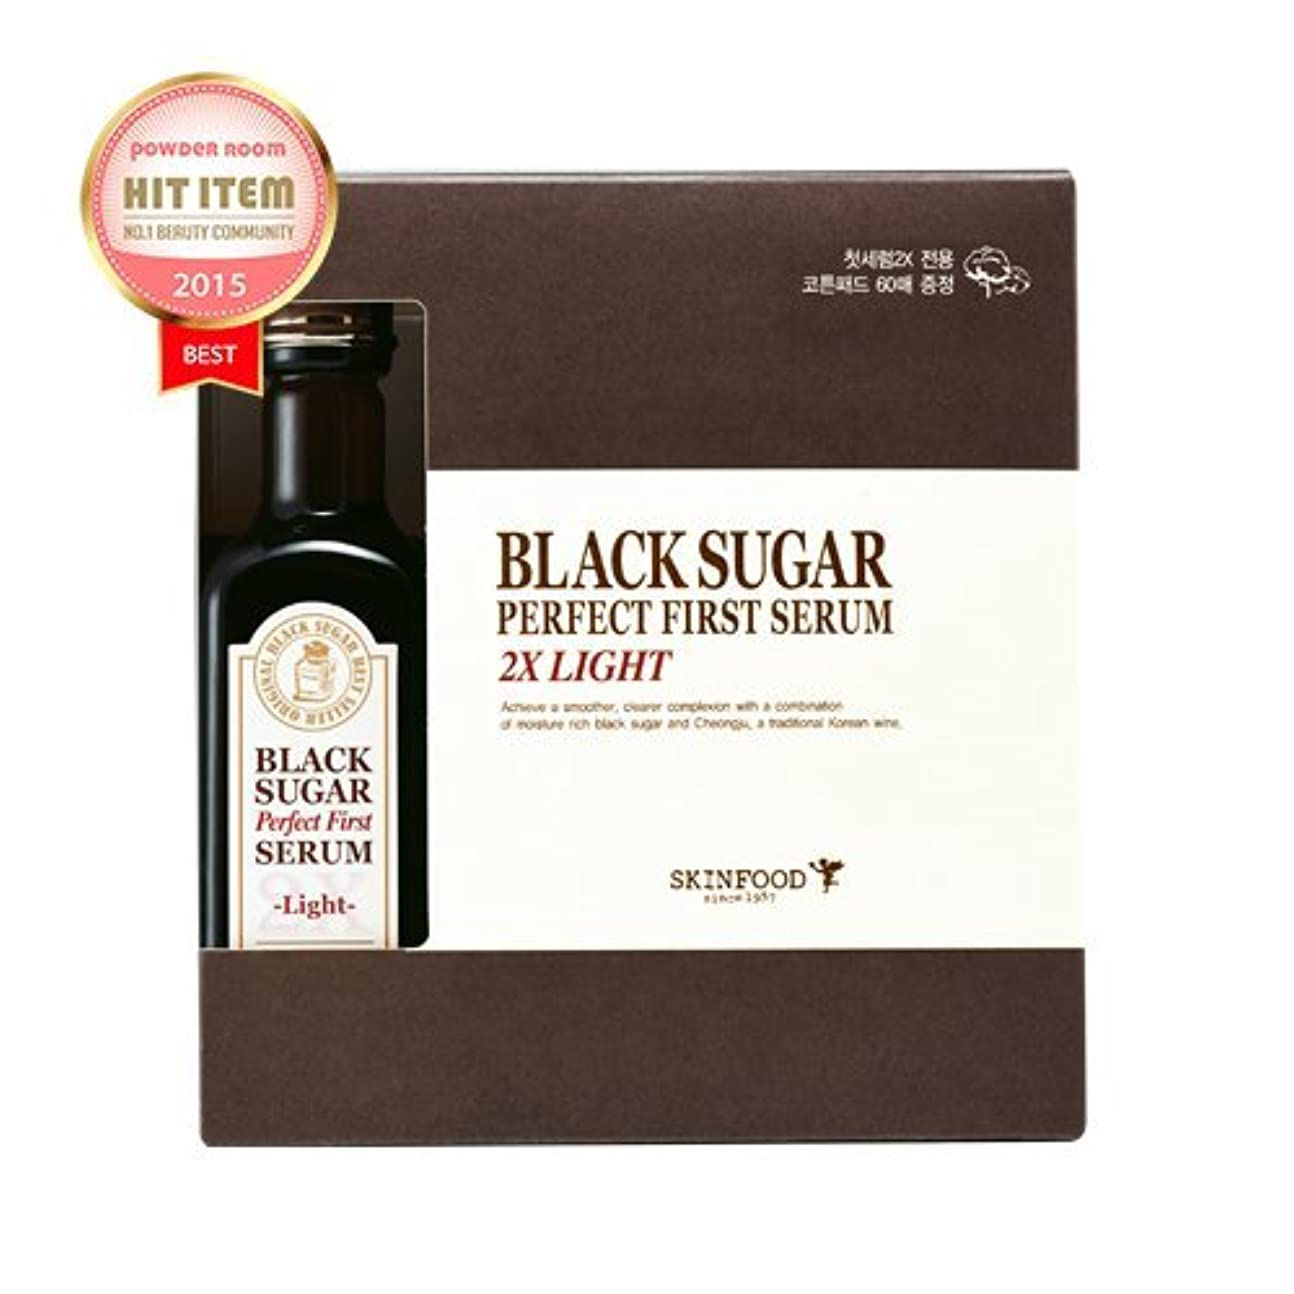 ホバートフルーツ野菜アシスト(SKINFOOD スキンフード)Black Sugar Perfect First Serum 2X light ブラックシュガー パーフェクトファーストセラム2X ライト skin-brightening and Anti-wrinkle...